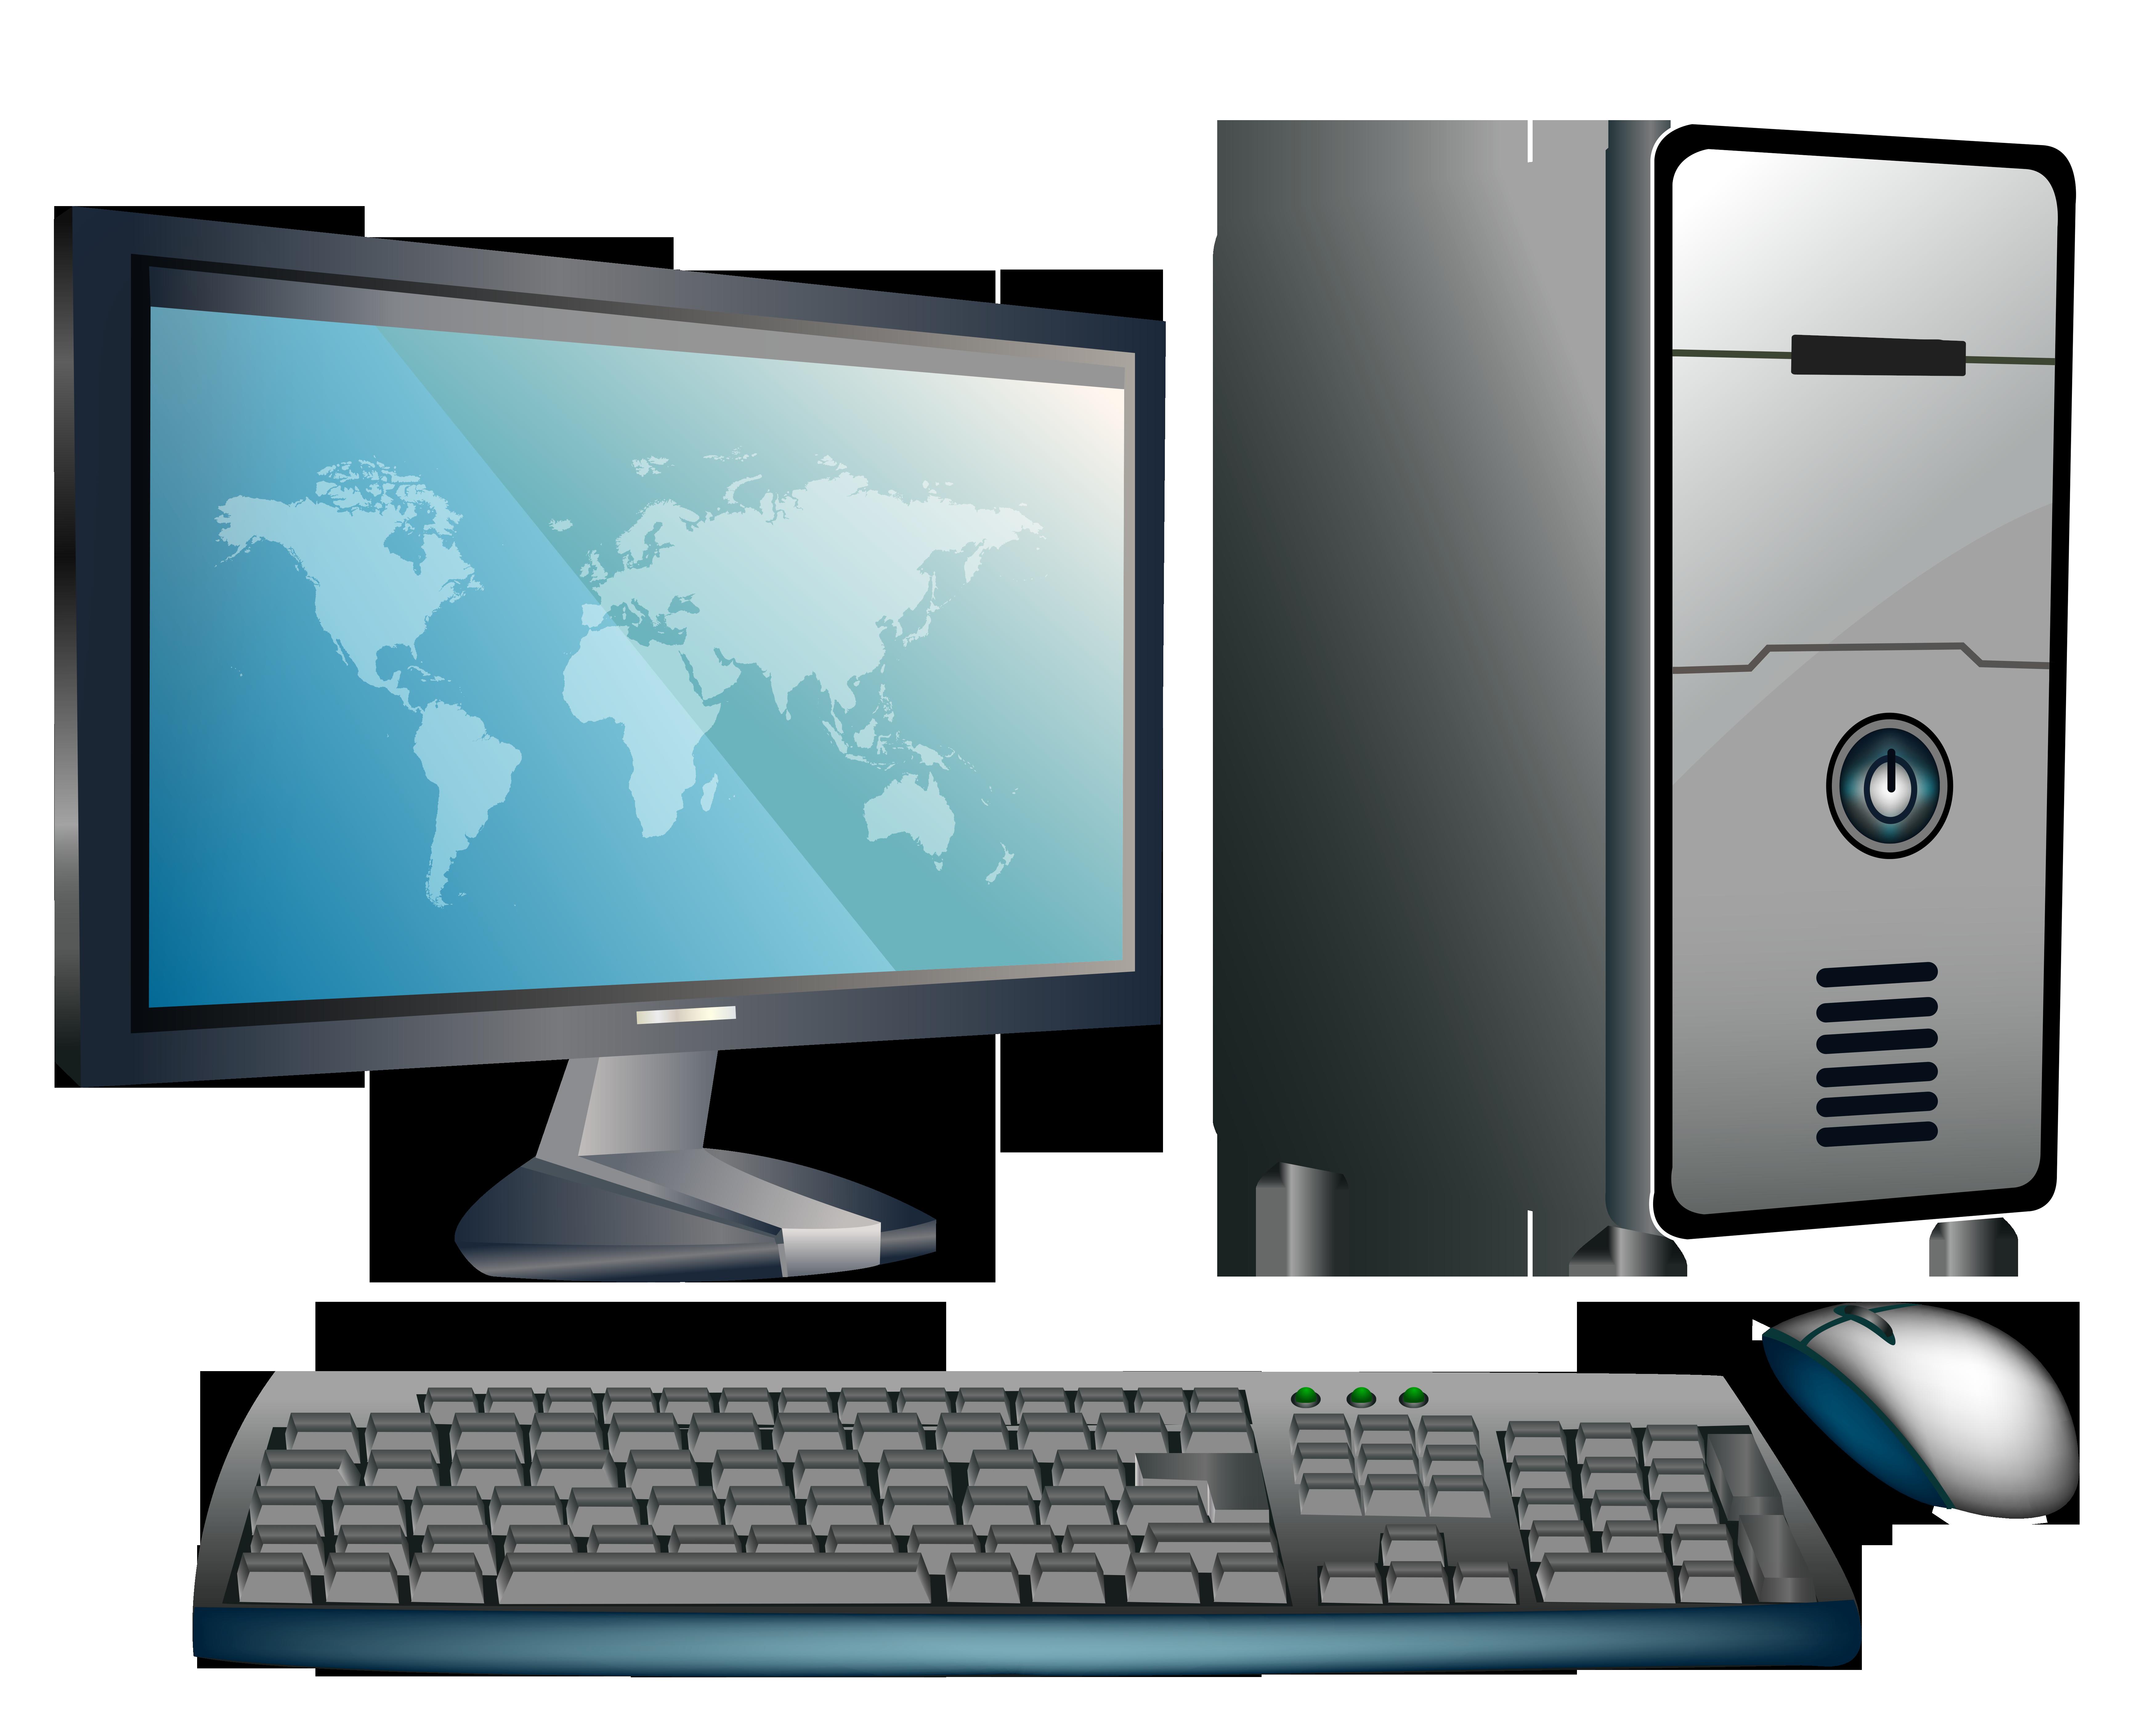 Technology clipart wallpaper. Desktop computer png best